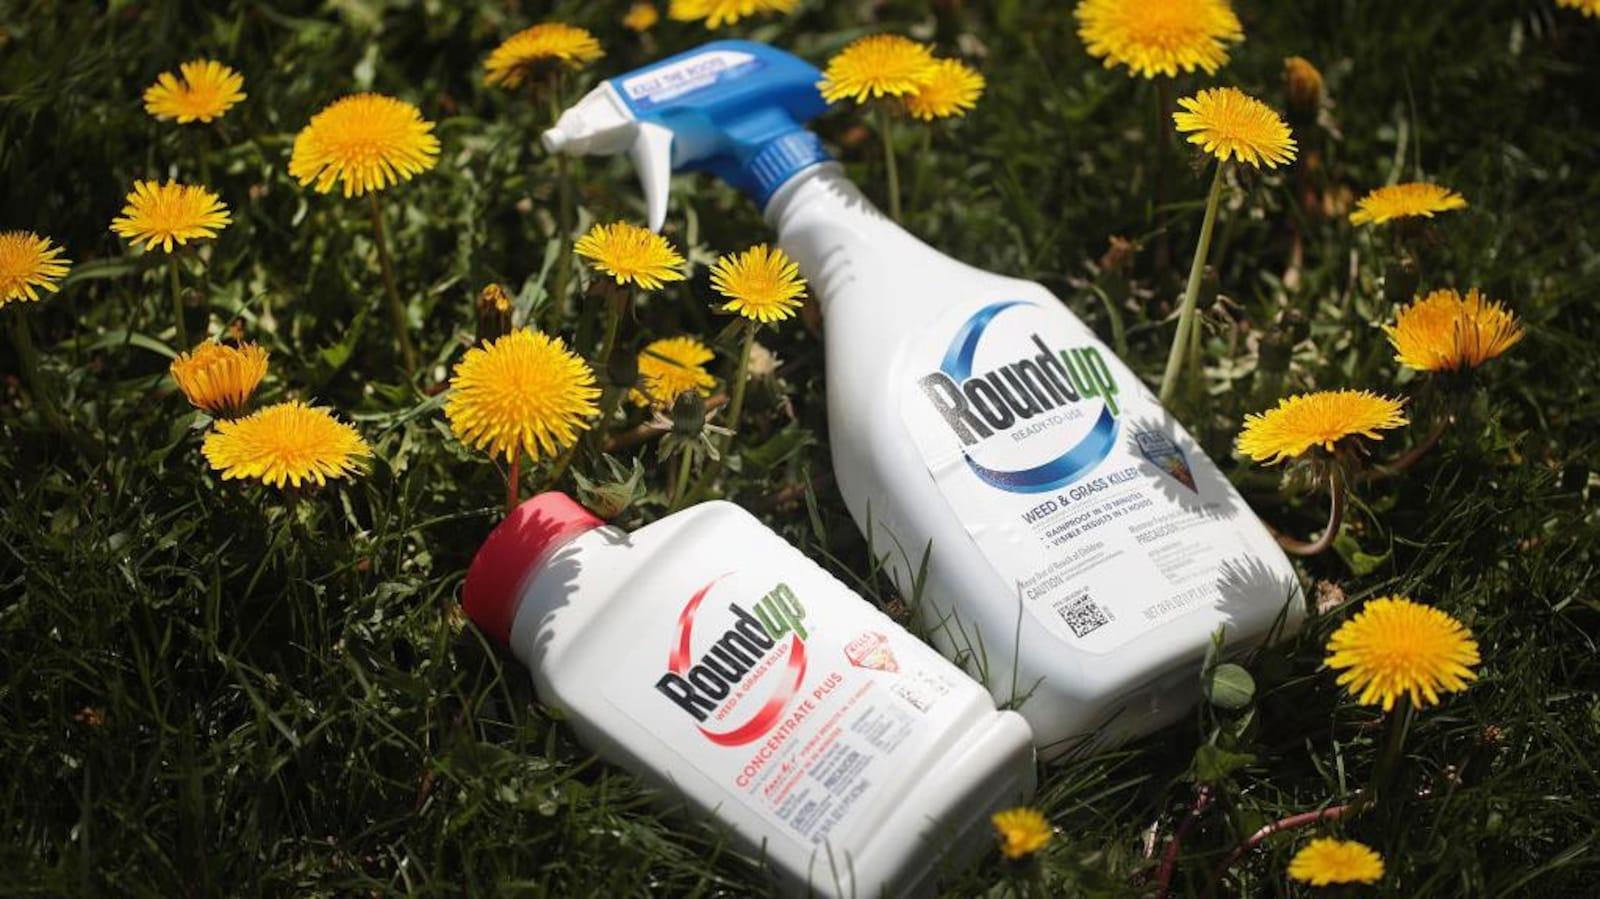 Des bouteilles de Roundup déposés sur du gazon et entourées de pissenlits.